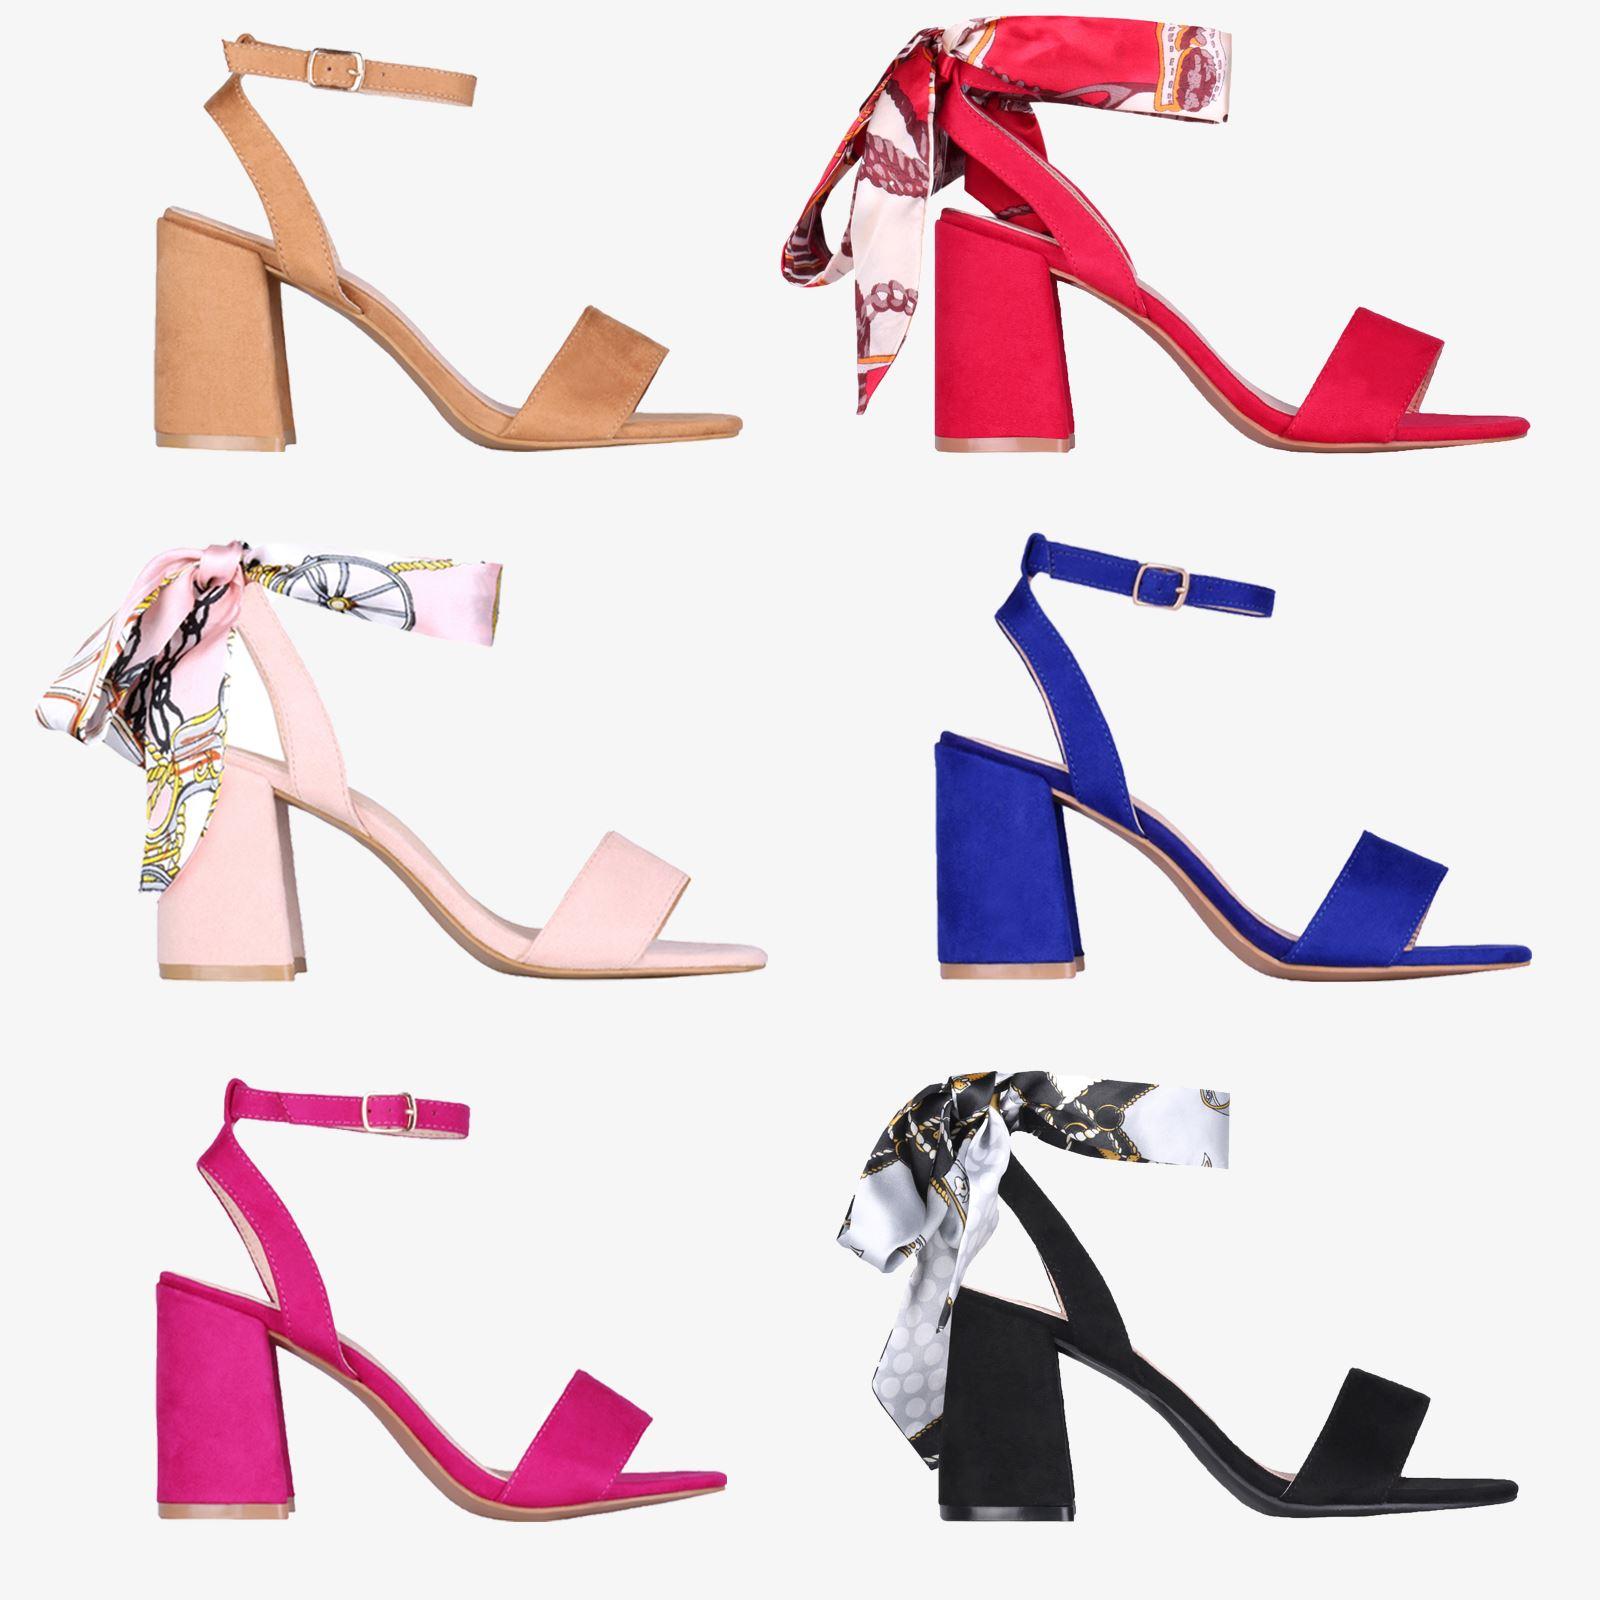 9cb623d8cc5 Details about Womans Ladies Satin Ankle Wrap Mid Block Heel Open Toe Sandals  Summer Shoes 3-8